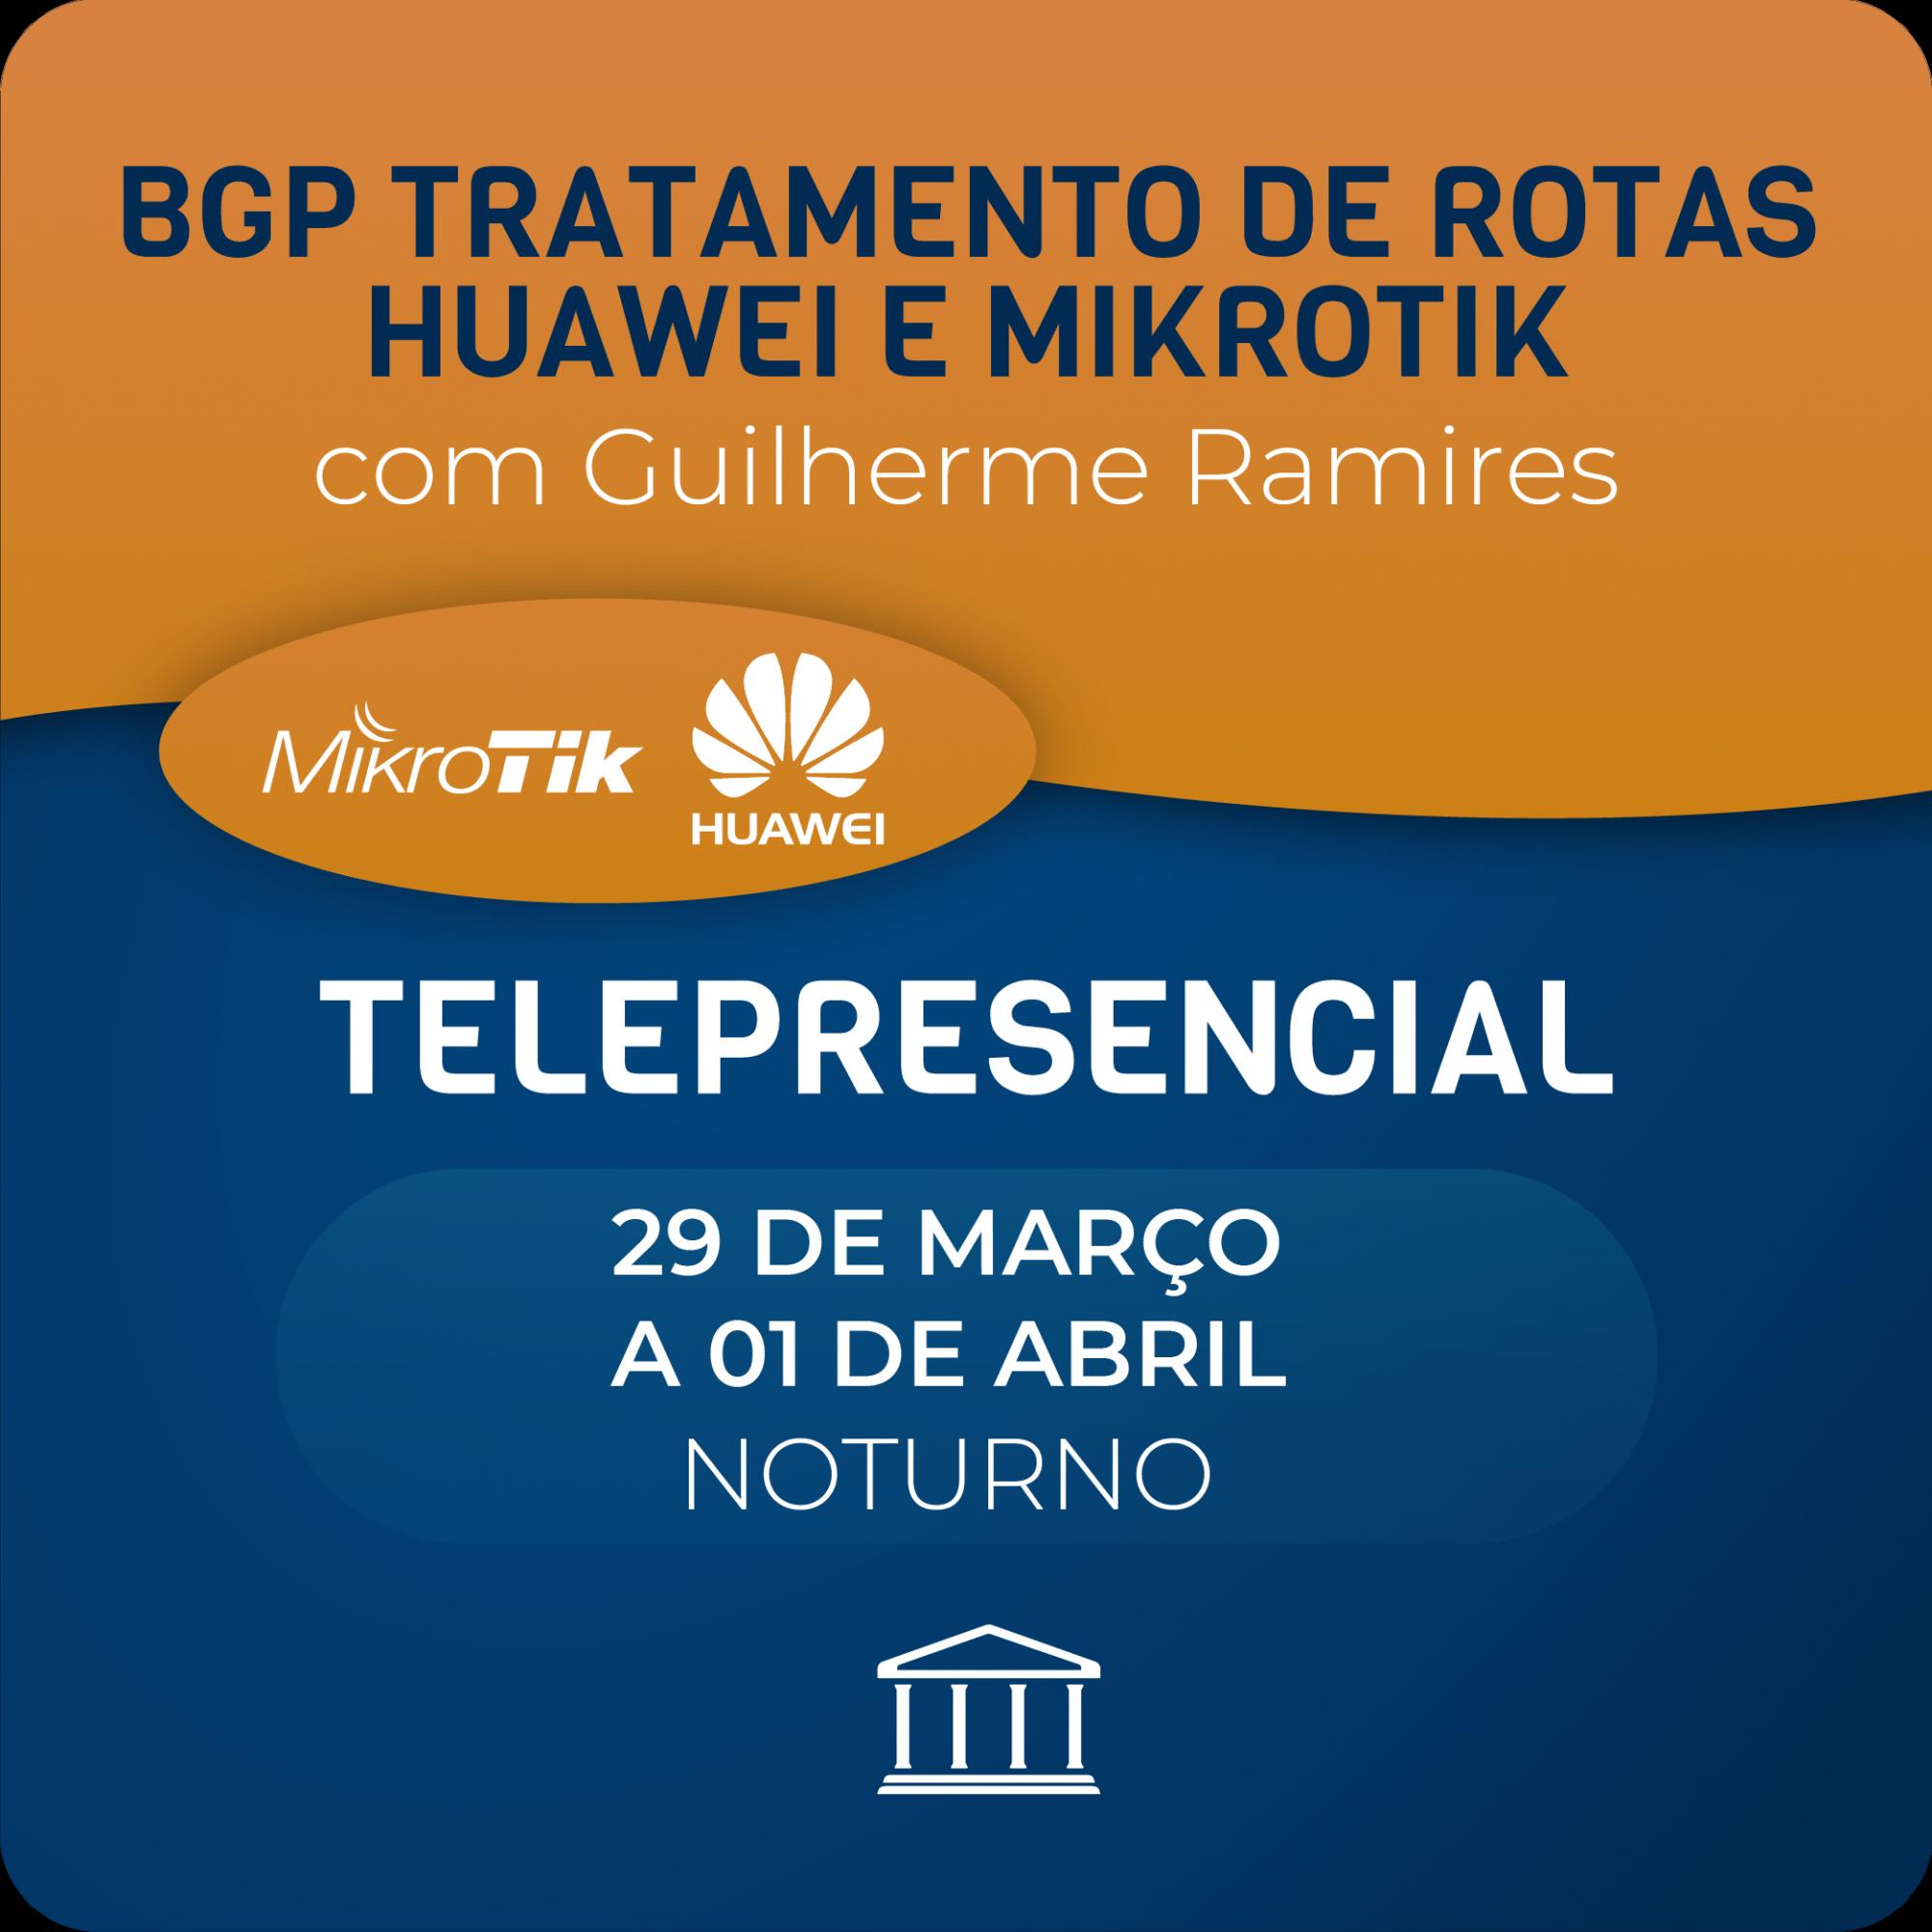 BGP Tratamento de Rotas Huawei e Mikrotik com Guilherme Ramires - Telepresencial  - Voz e Dados